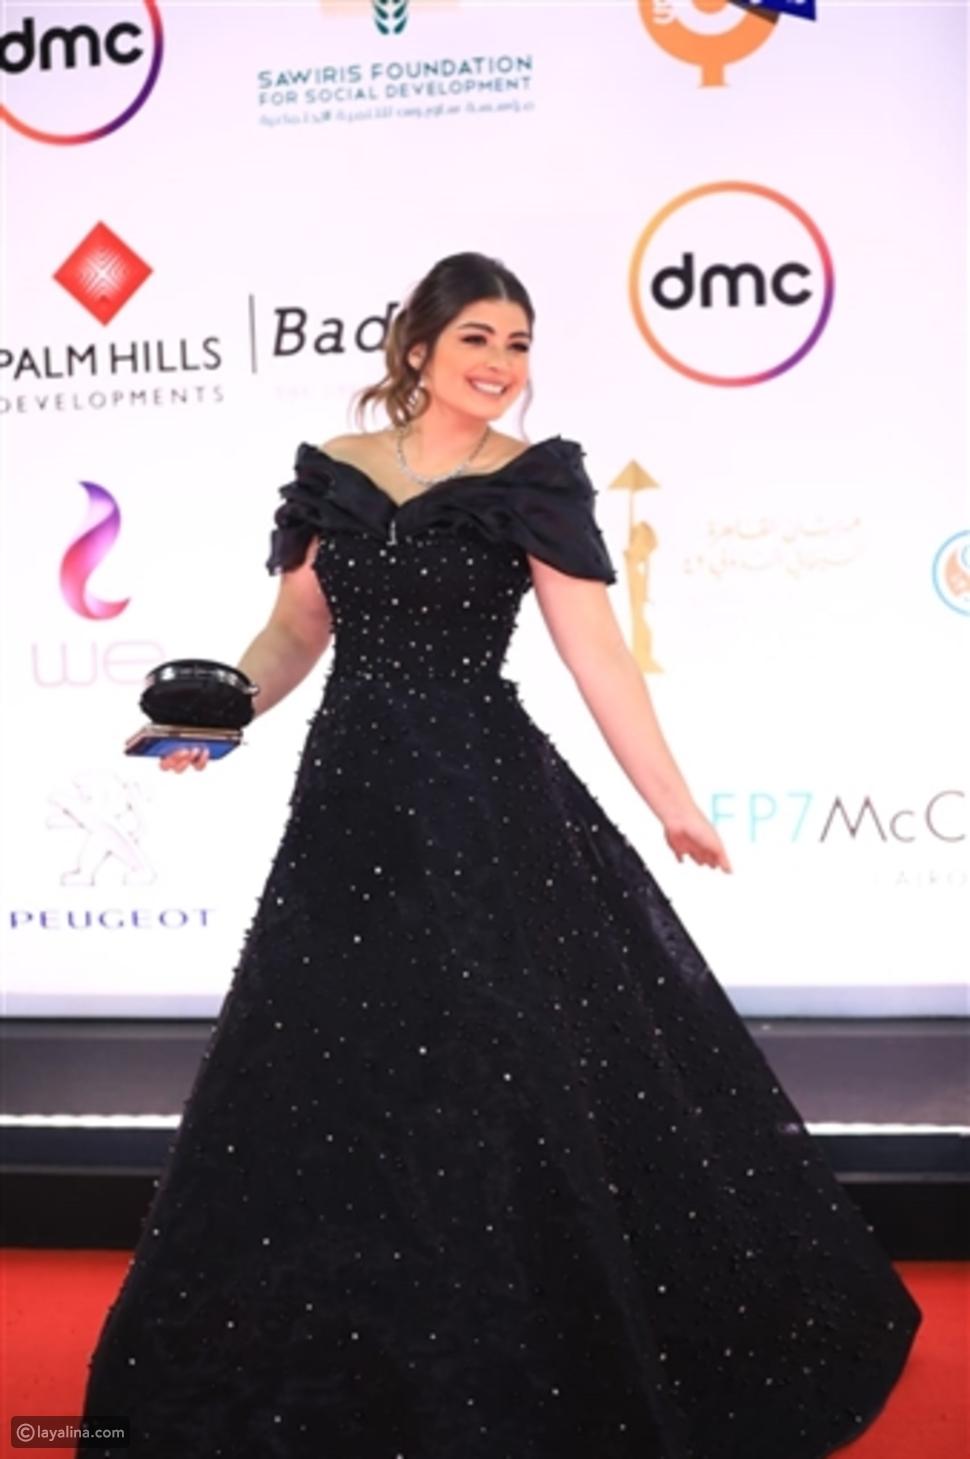 إطلالات عكست أناقة ليلى أحمد زاهر وجرأتها: هل ناسبت سنها؟